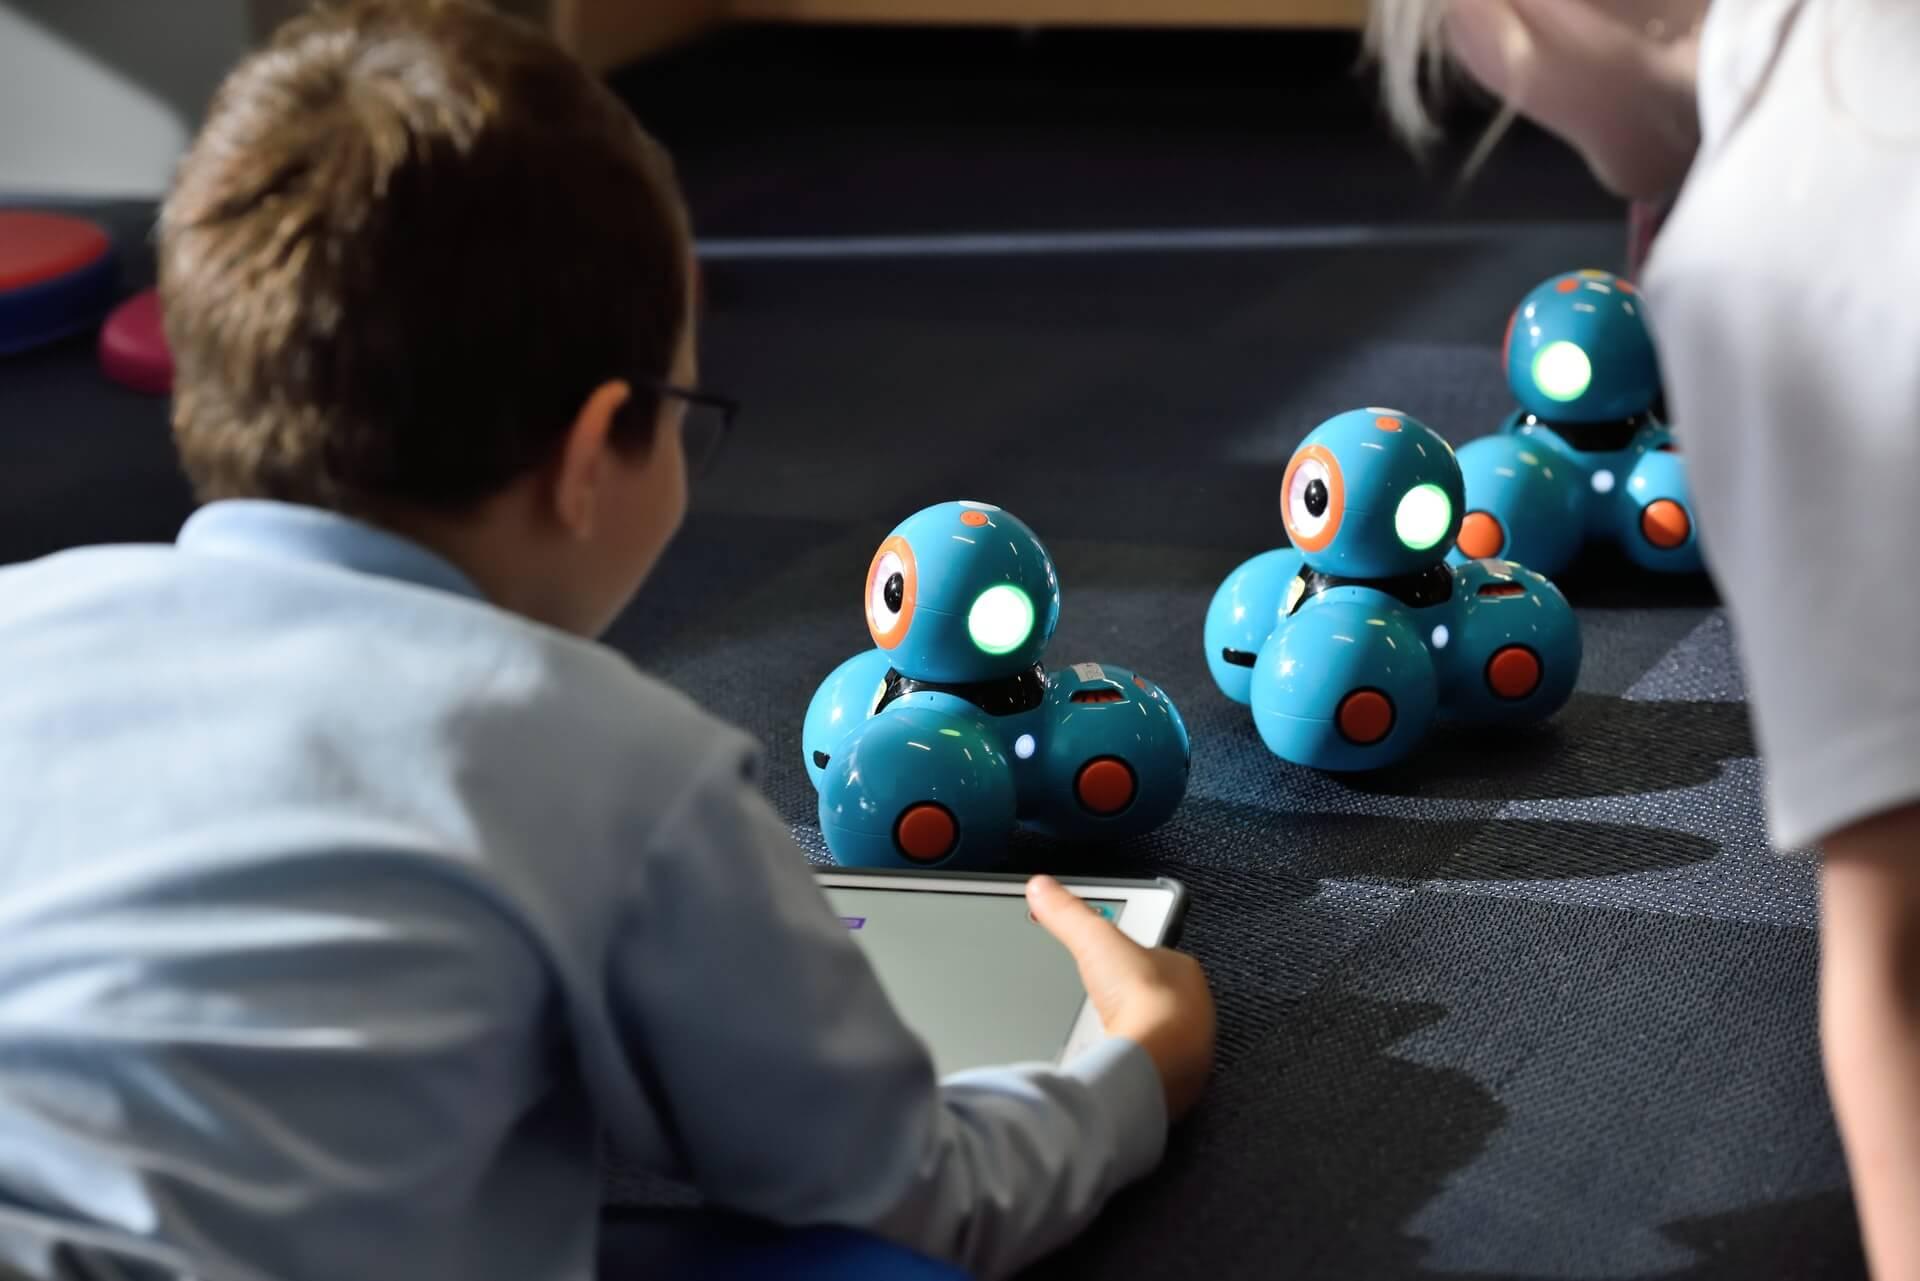 Roboty interaktywne dla dzieci